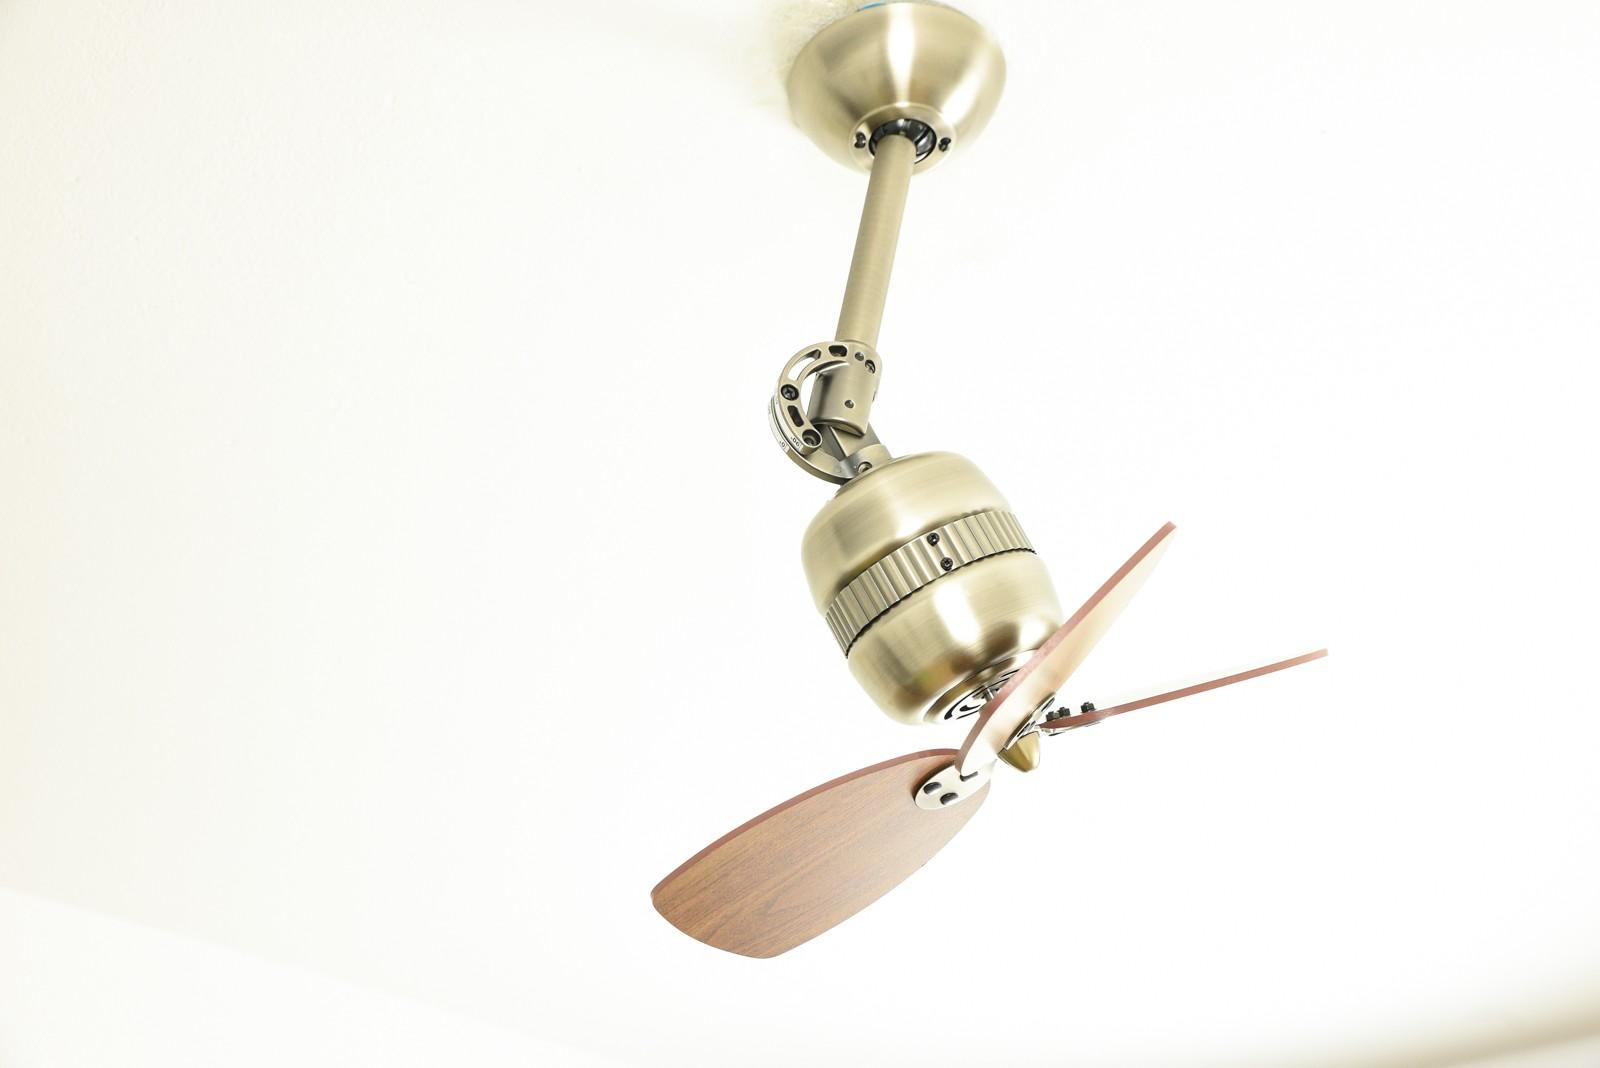 Retro Style Wall Mounted Fan Toledo Brass Portable Fans Of